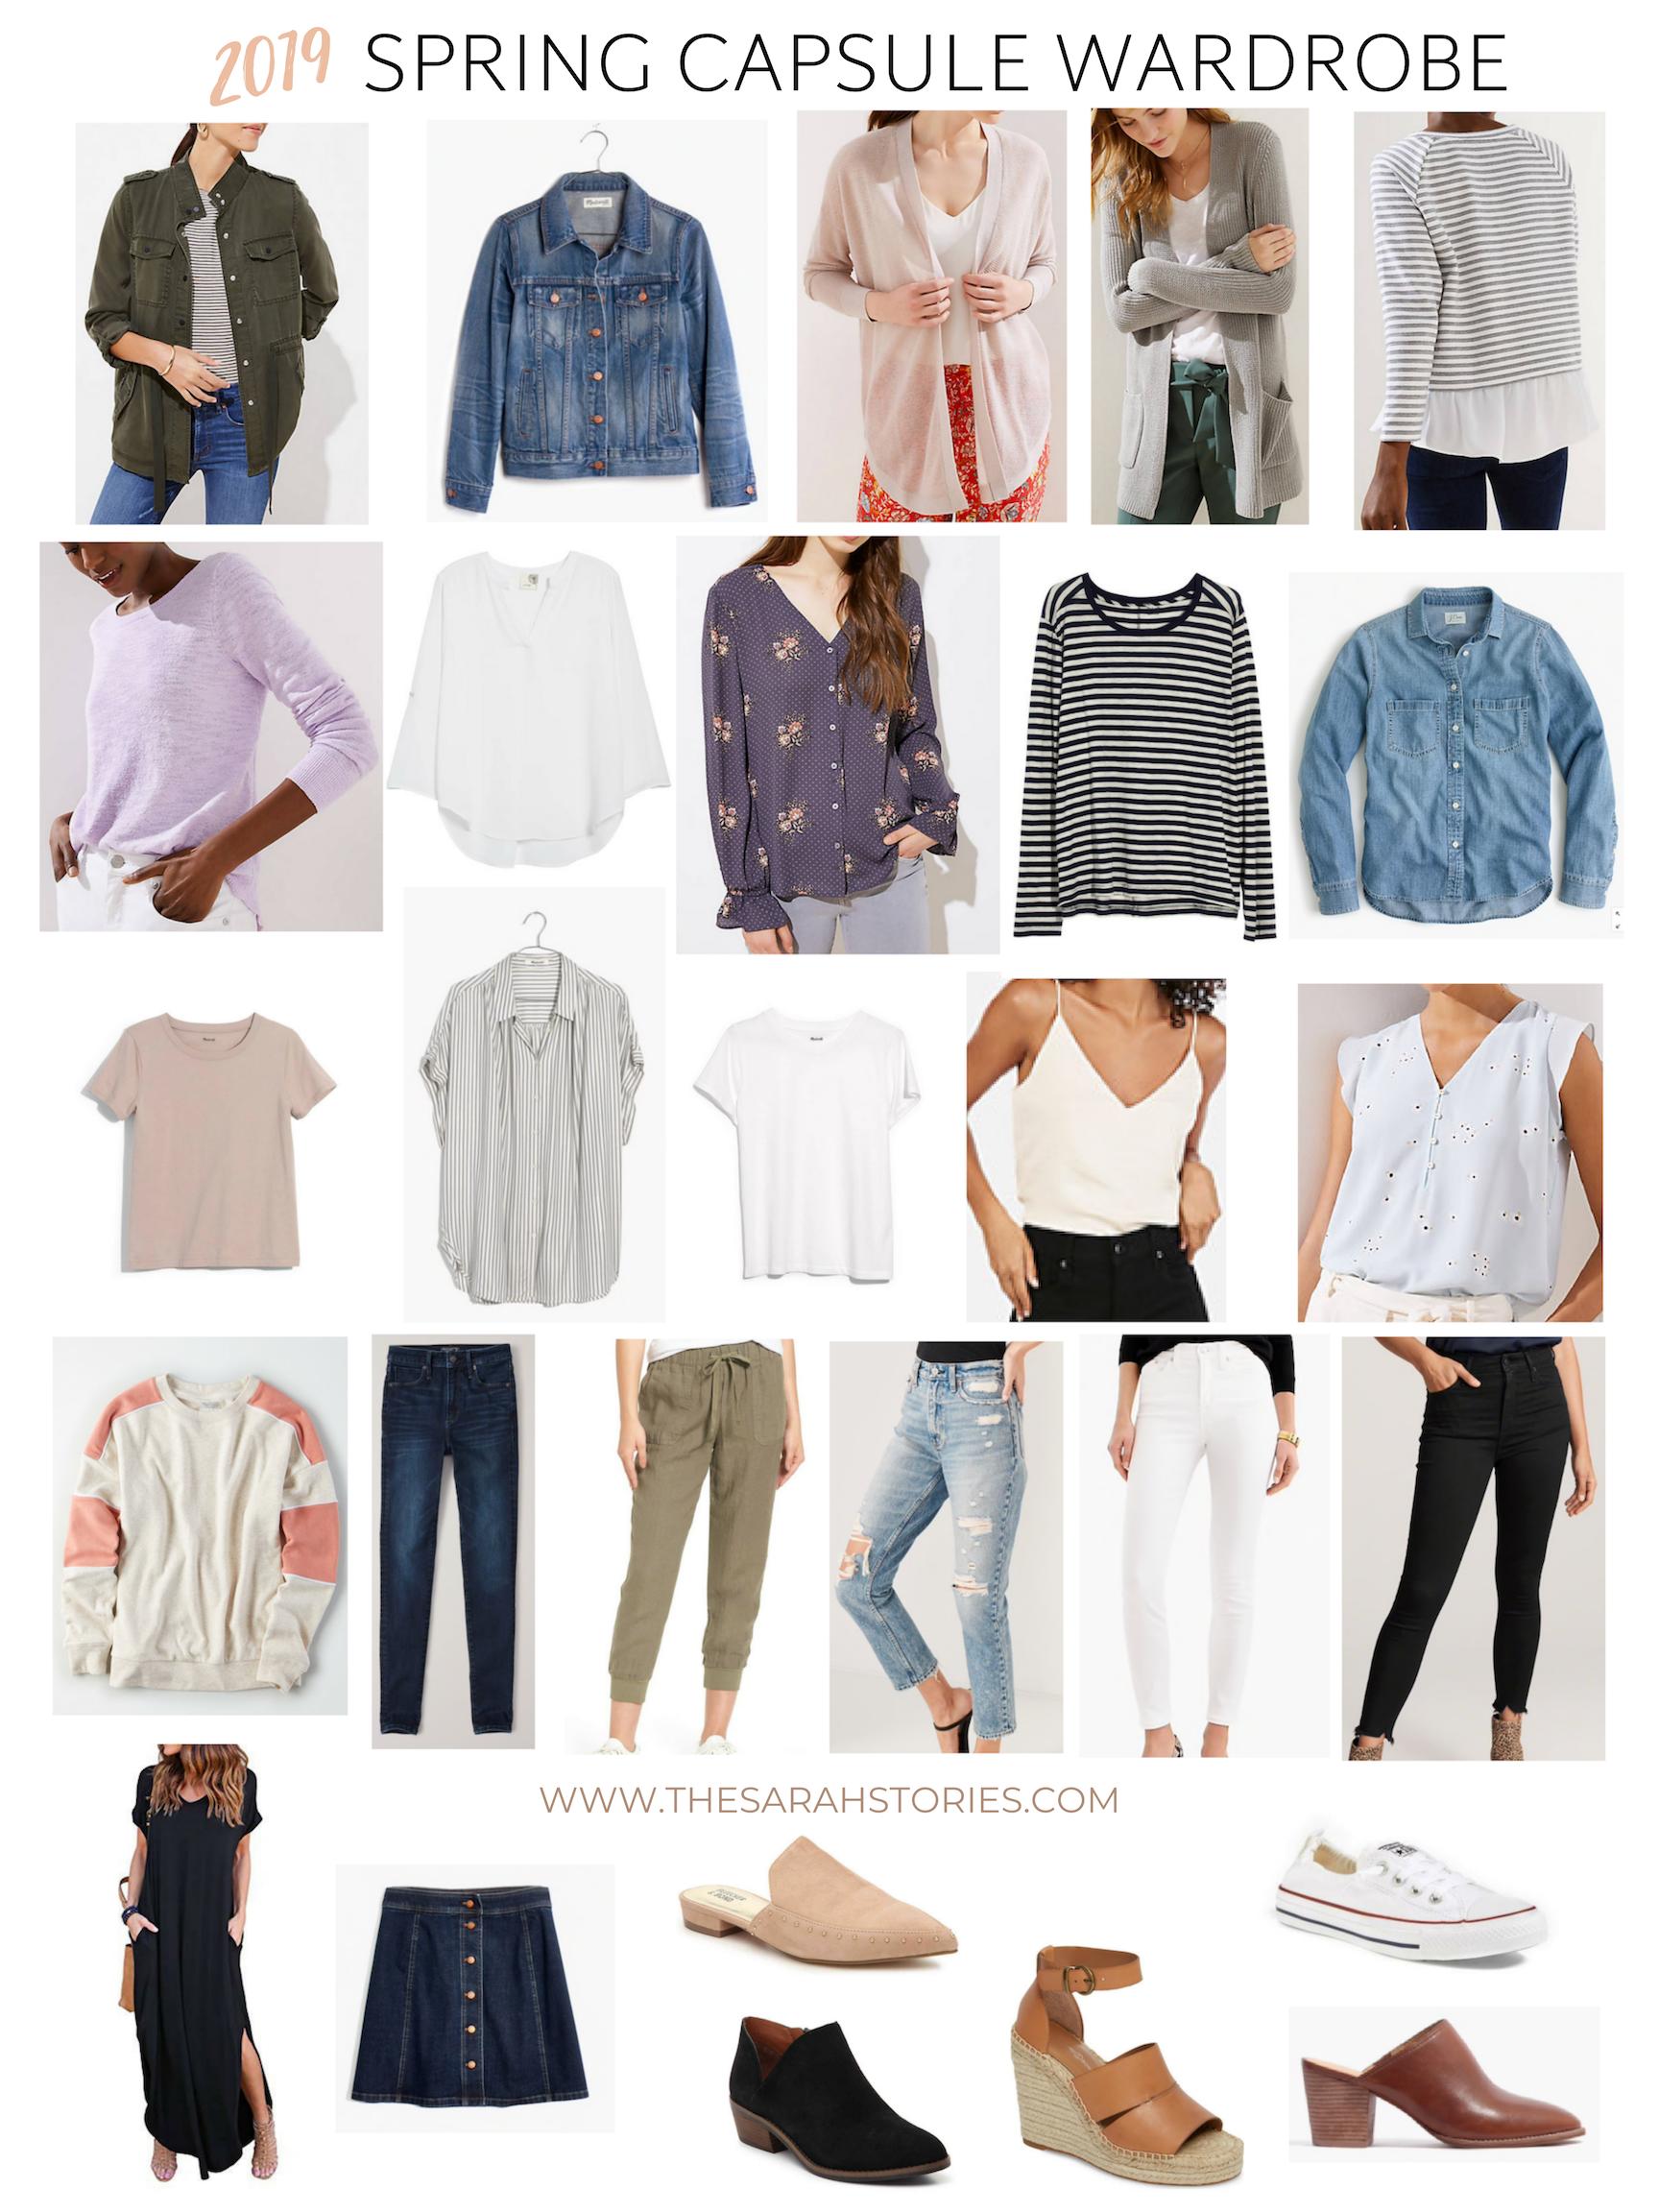 2019 Spring Capsule Wardrobe